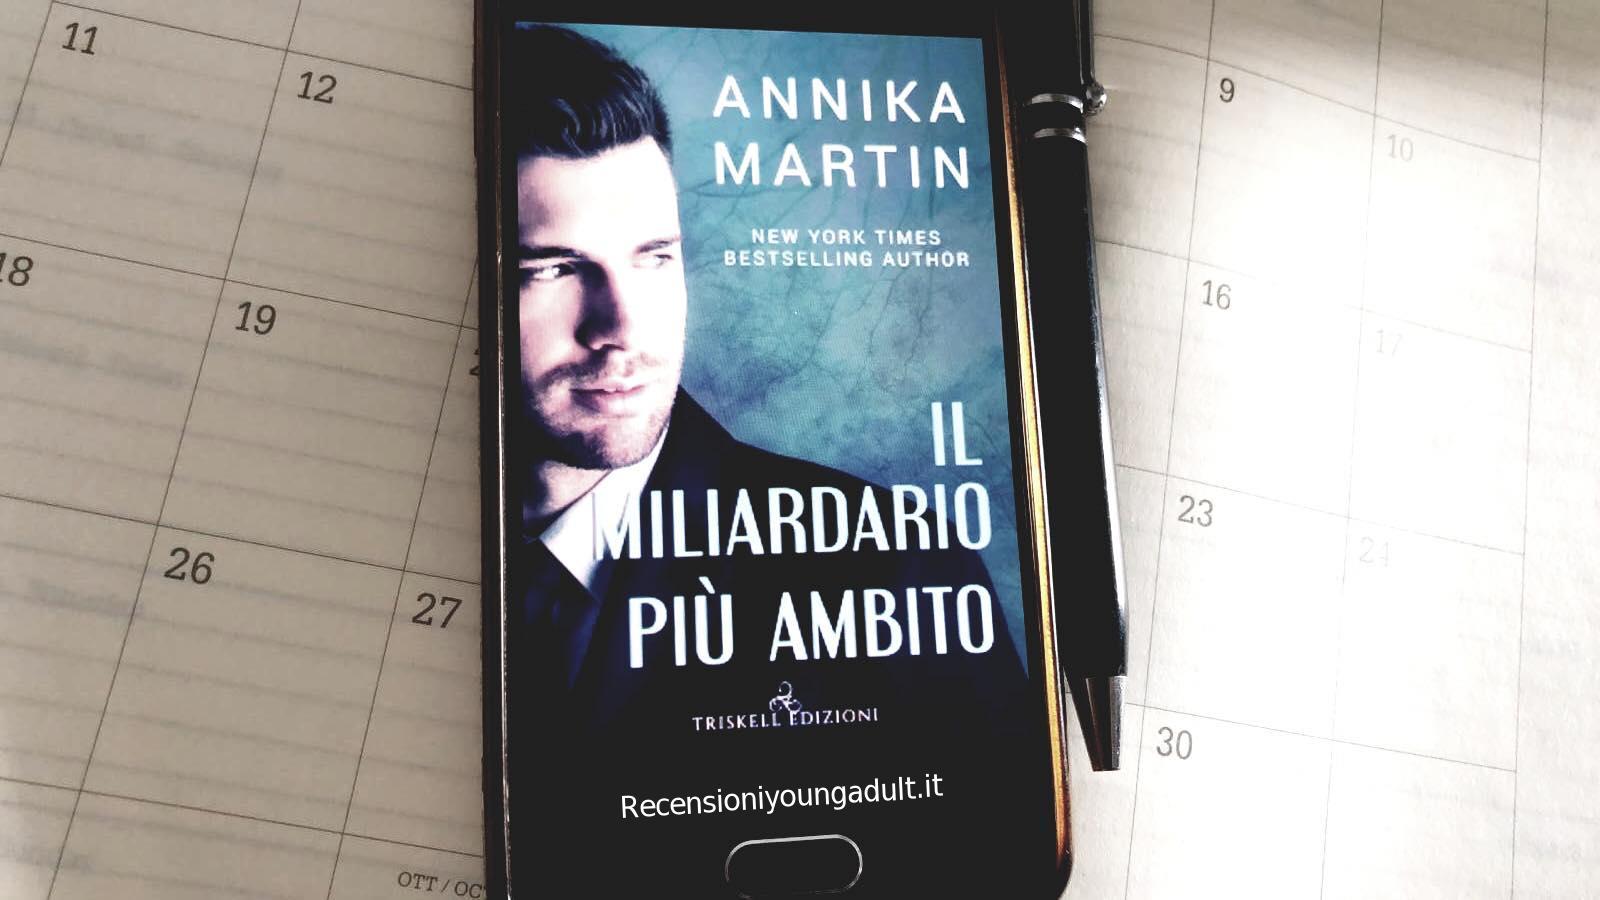 Il Miliardario più ambito – Annika Martin, Recensione in Anteprima: Uscita 11 Settembre 2019